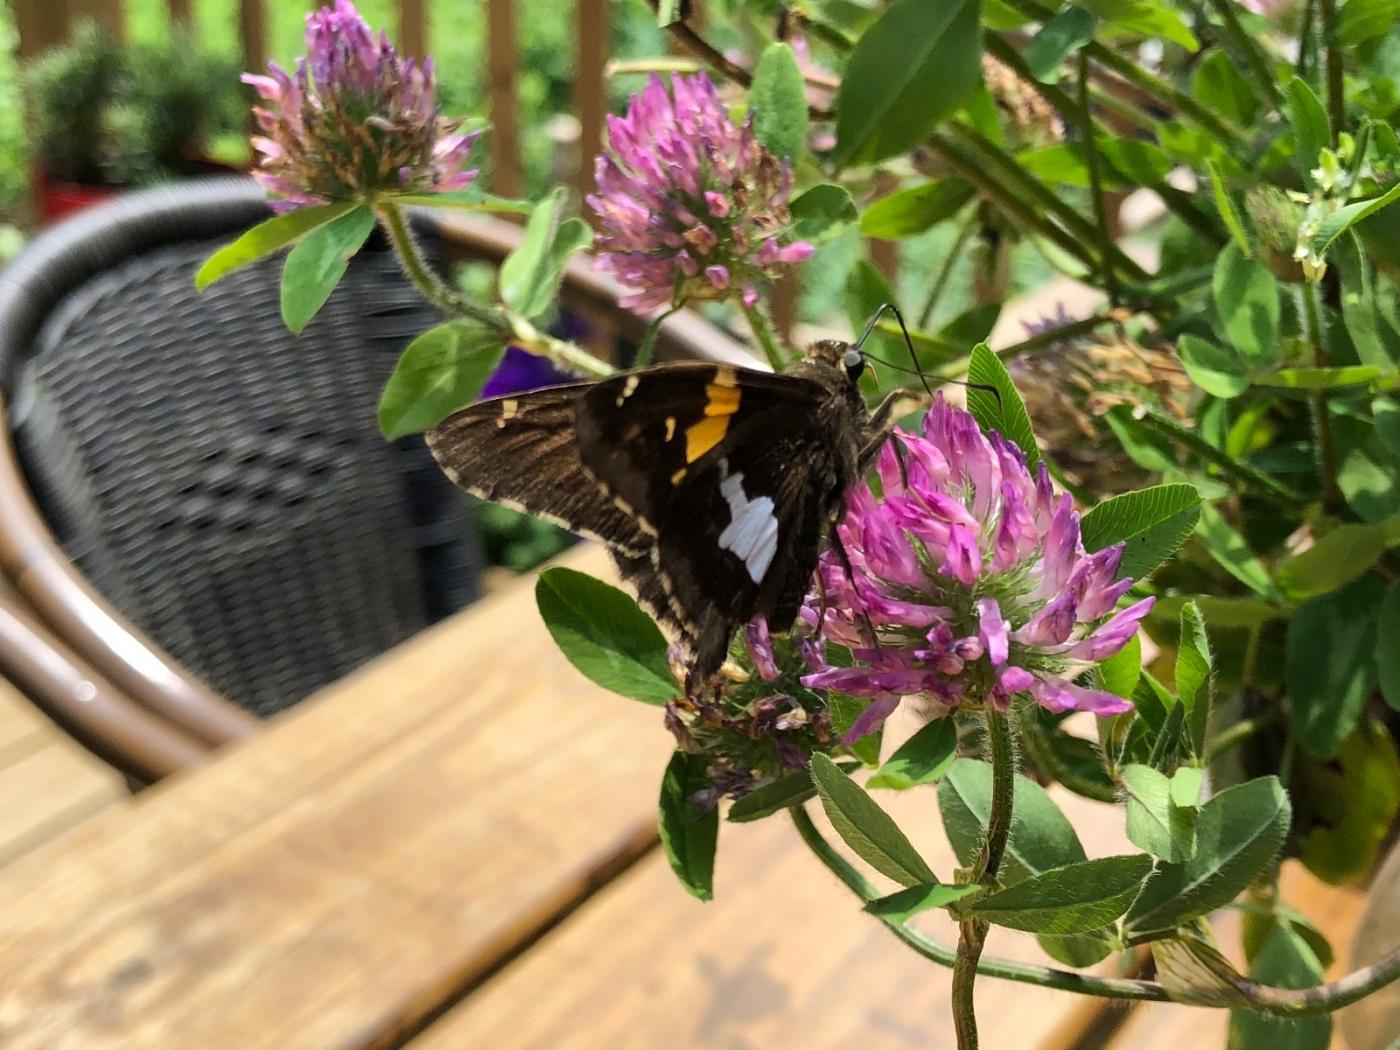 【田螺随拍】我种了马鞭草蝴蝶就来了_图1-5